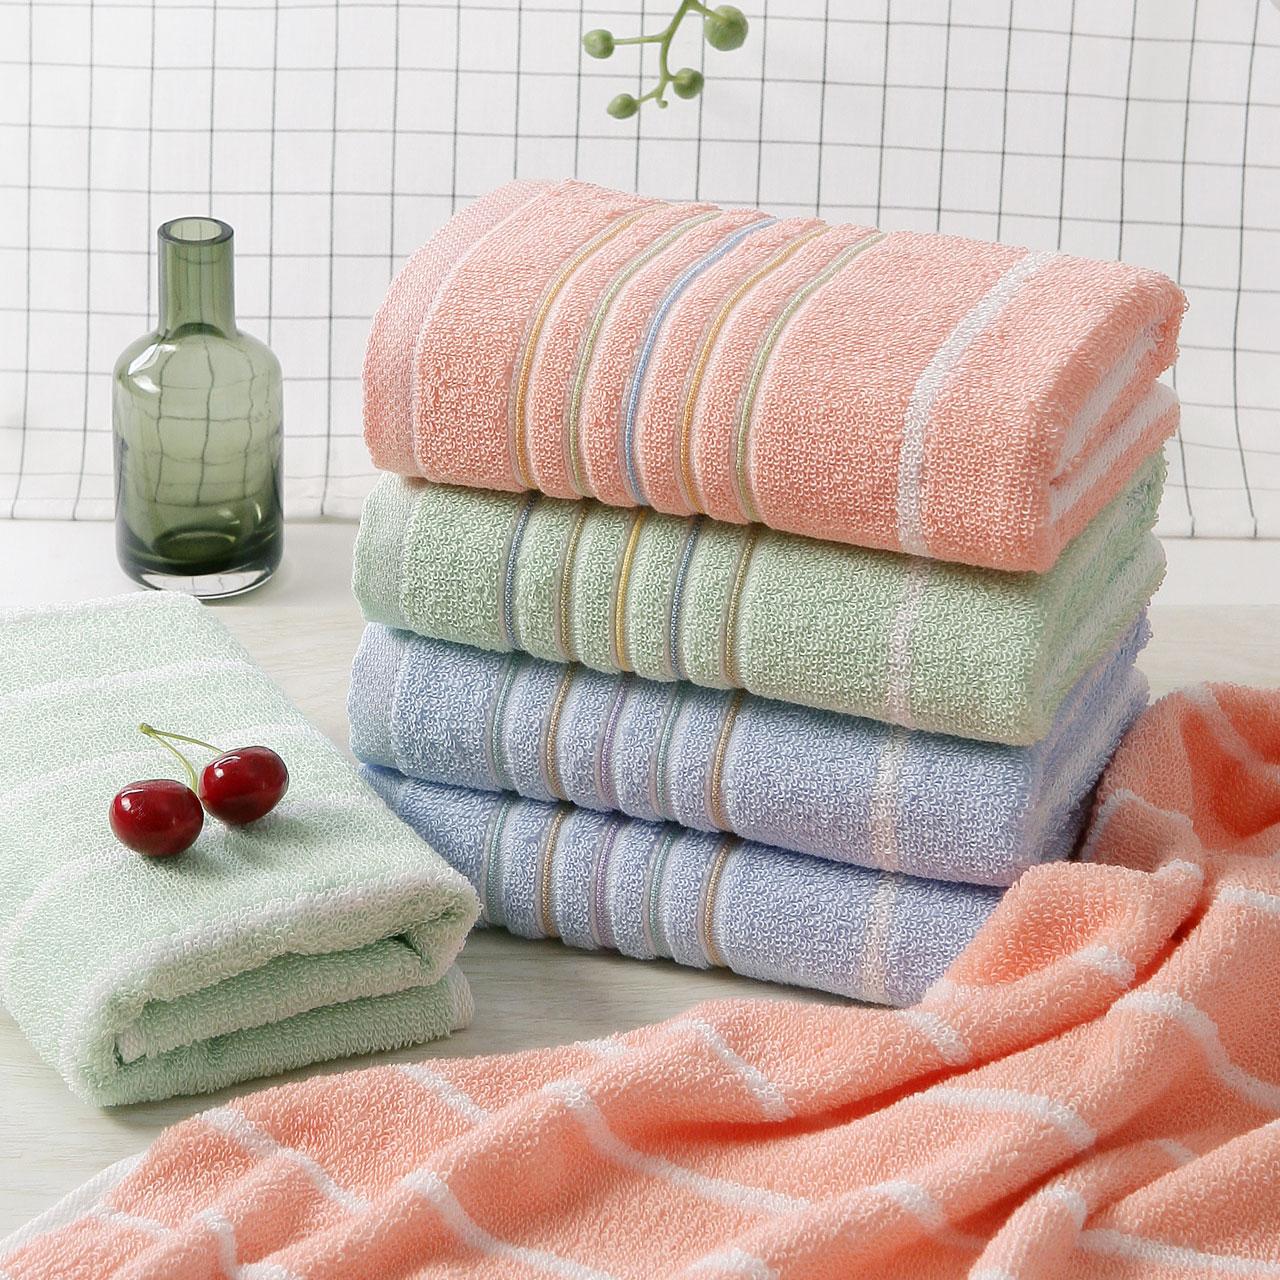 【10条】金号纯棉毛巾 全棉加大提缎成人款 柔软吸水洗脸家用面巾